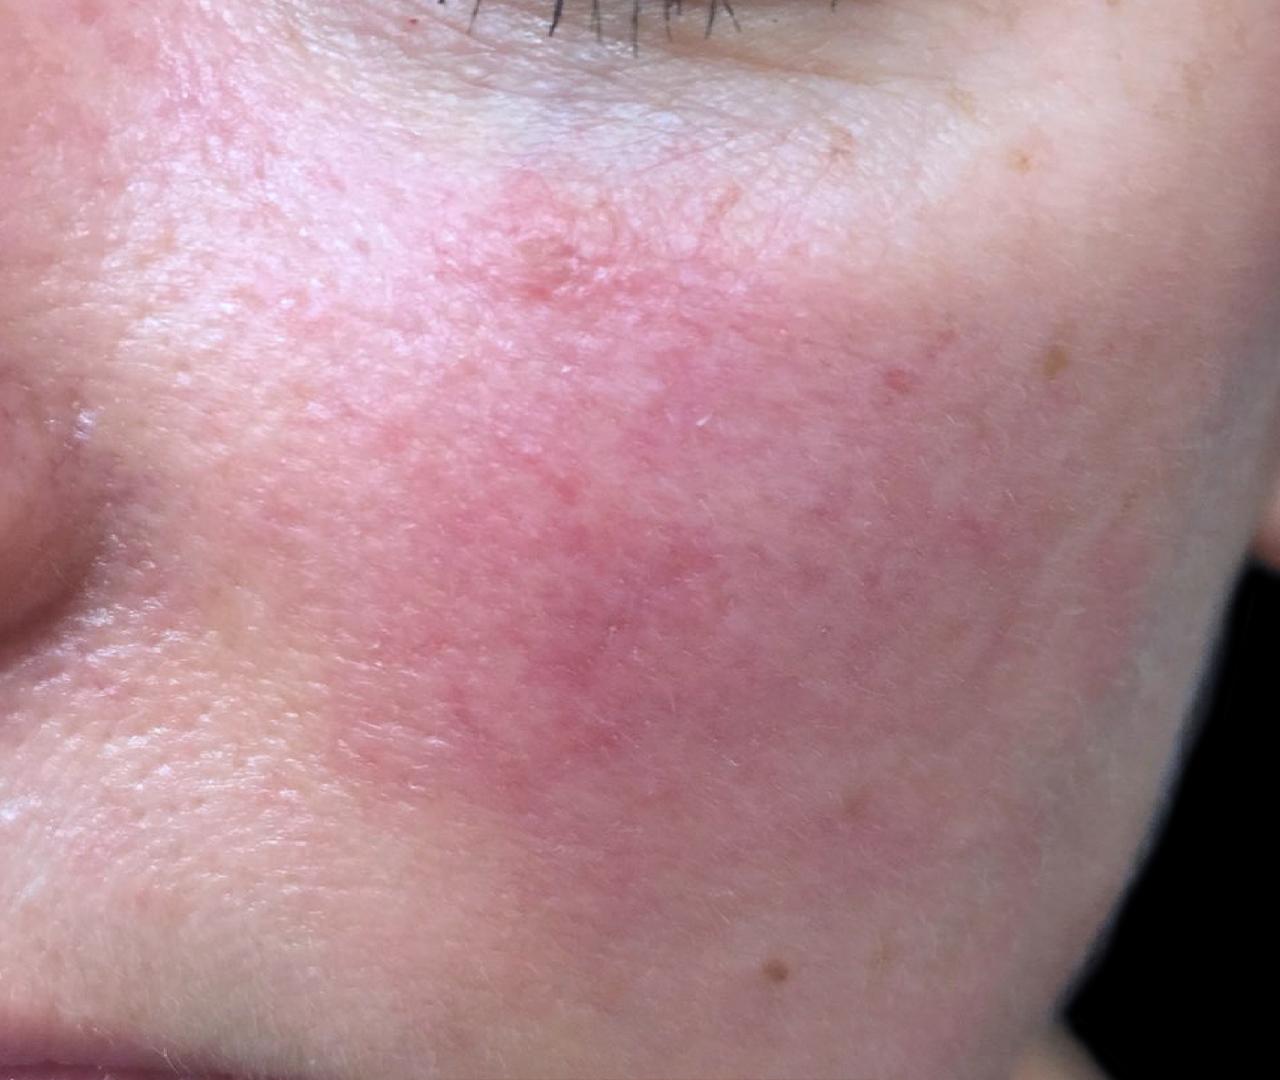 Vascular Lasers for Redness & Veins Vbeam